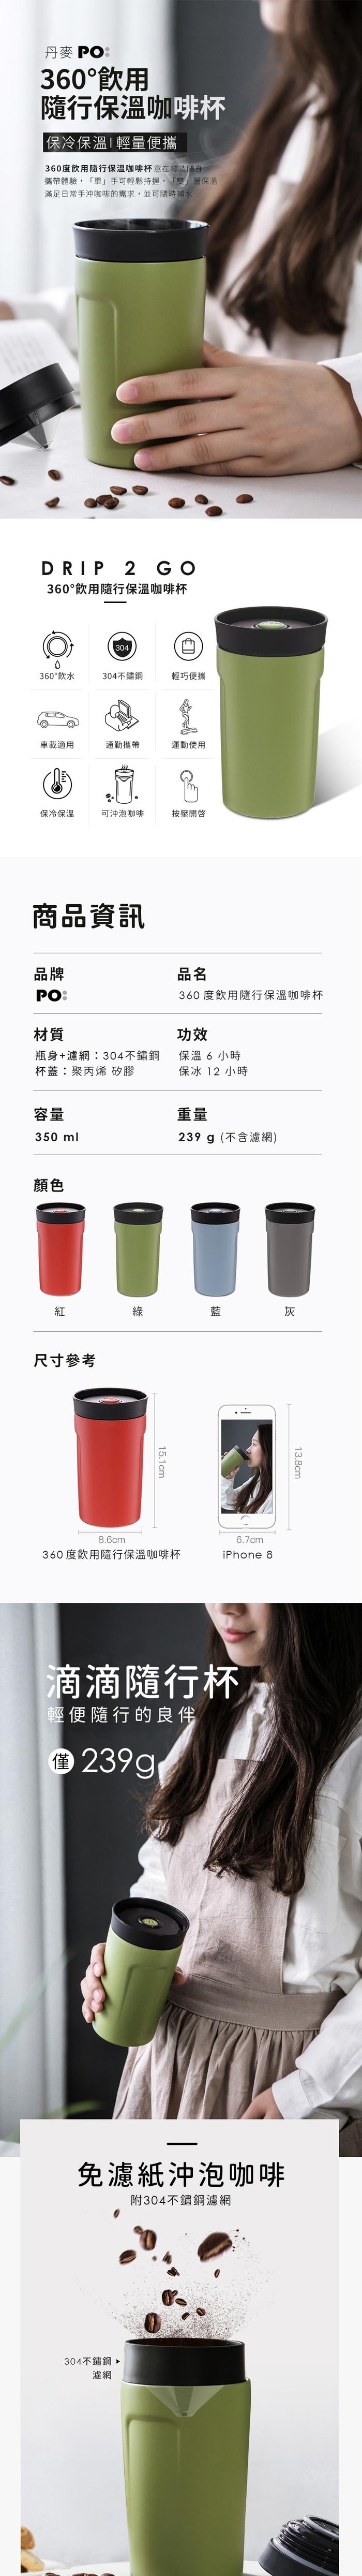 (複製)PO:Selected|丹麥DIY手沖咖啡二件組 (手沖咖啡壺-灰/咖啡玻璃杯350ml-黑灰)